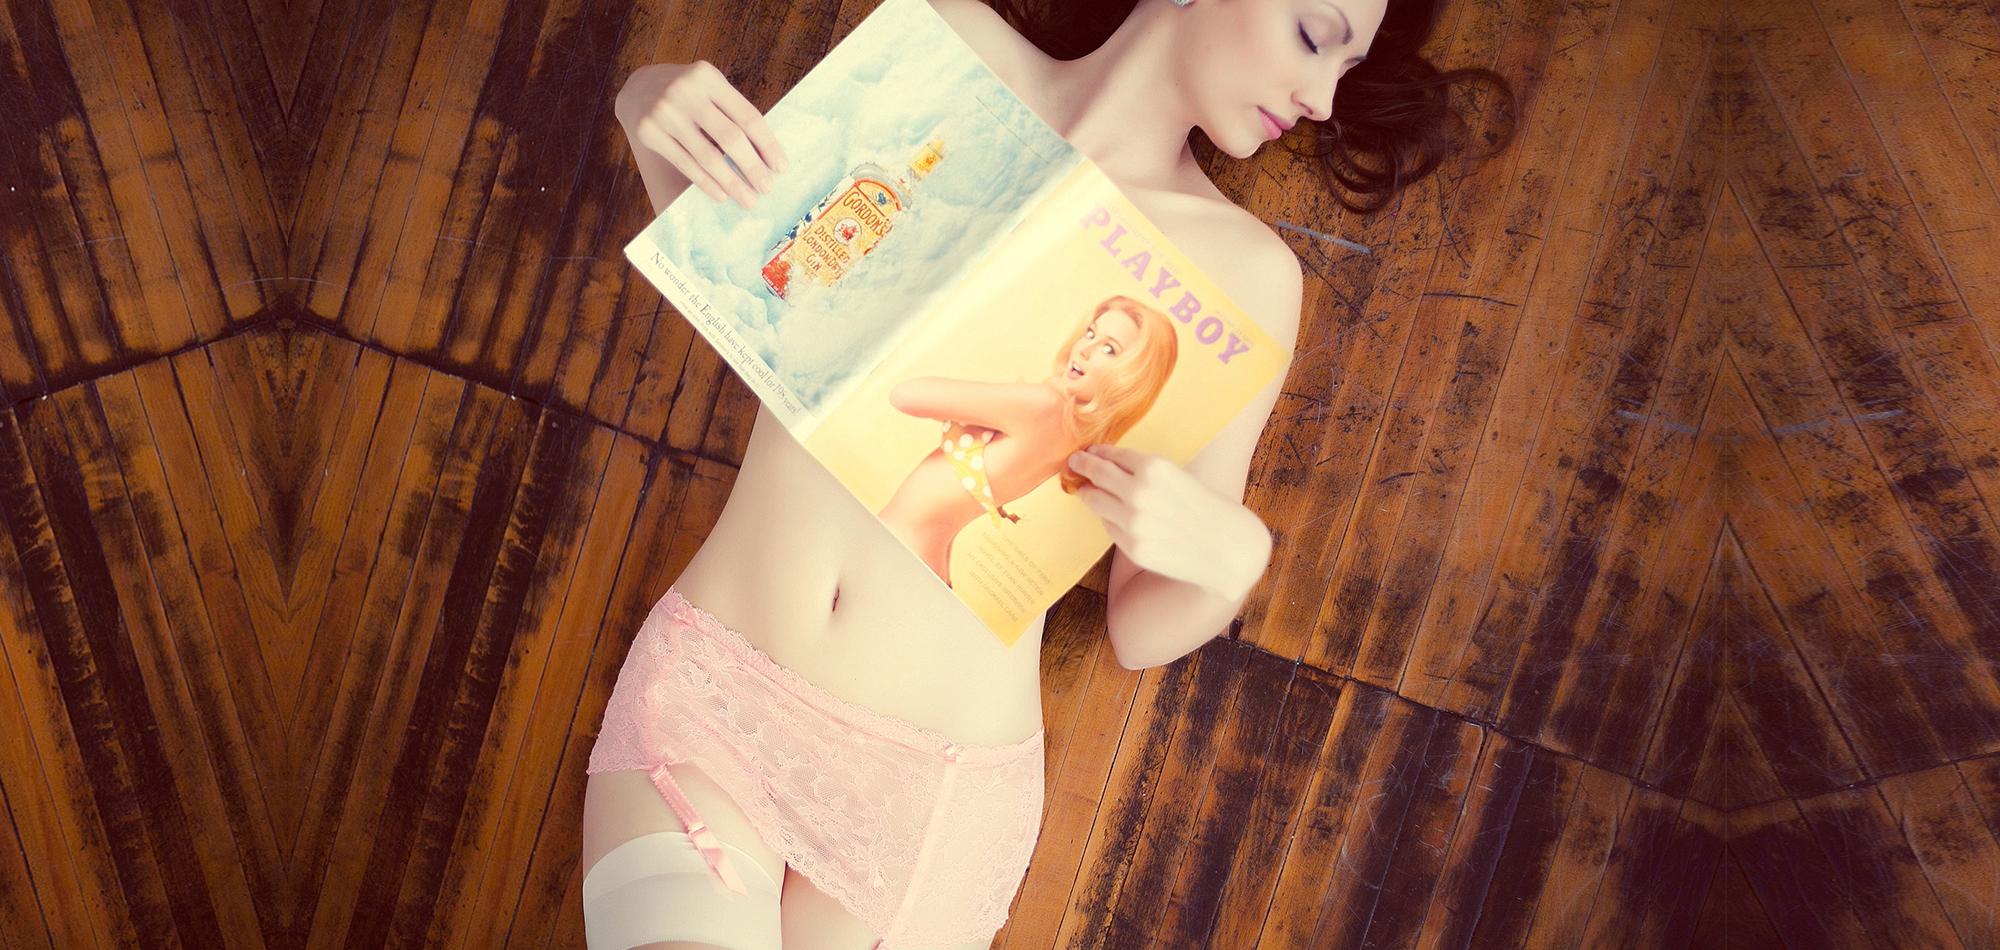 Brio-Art-boudoir-photography-007.jpg